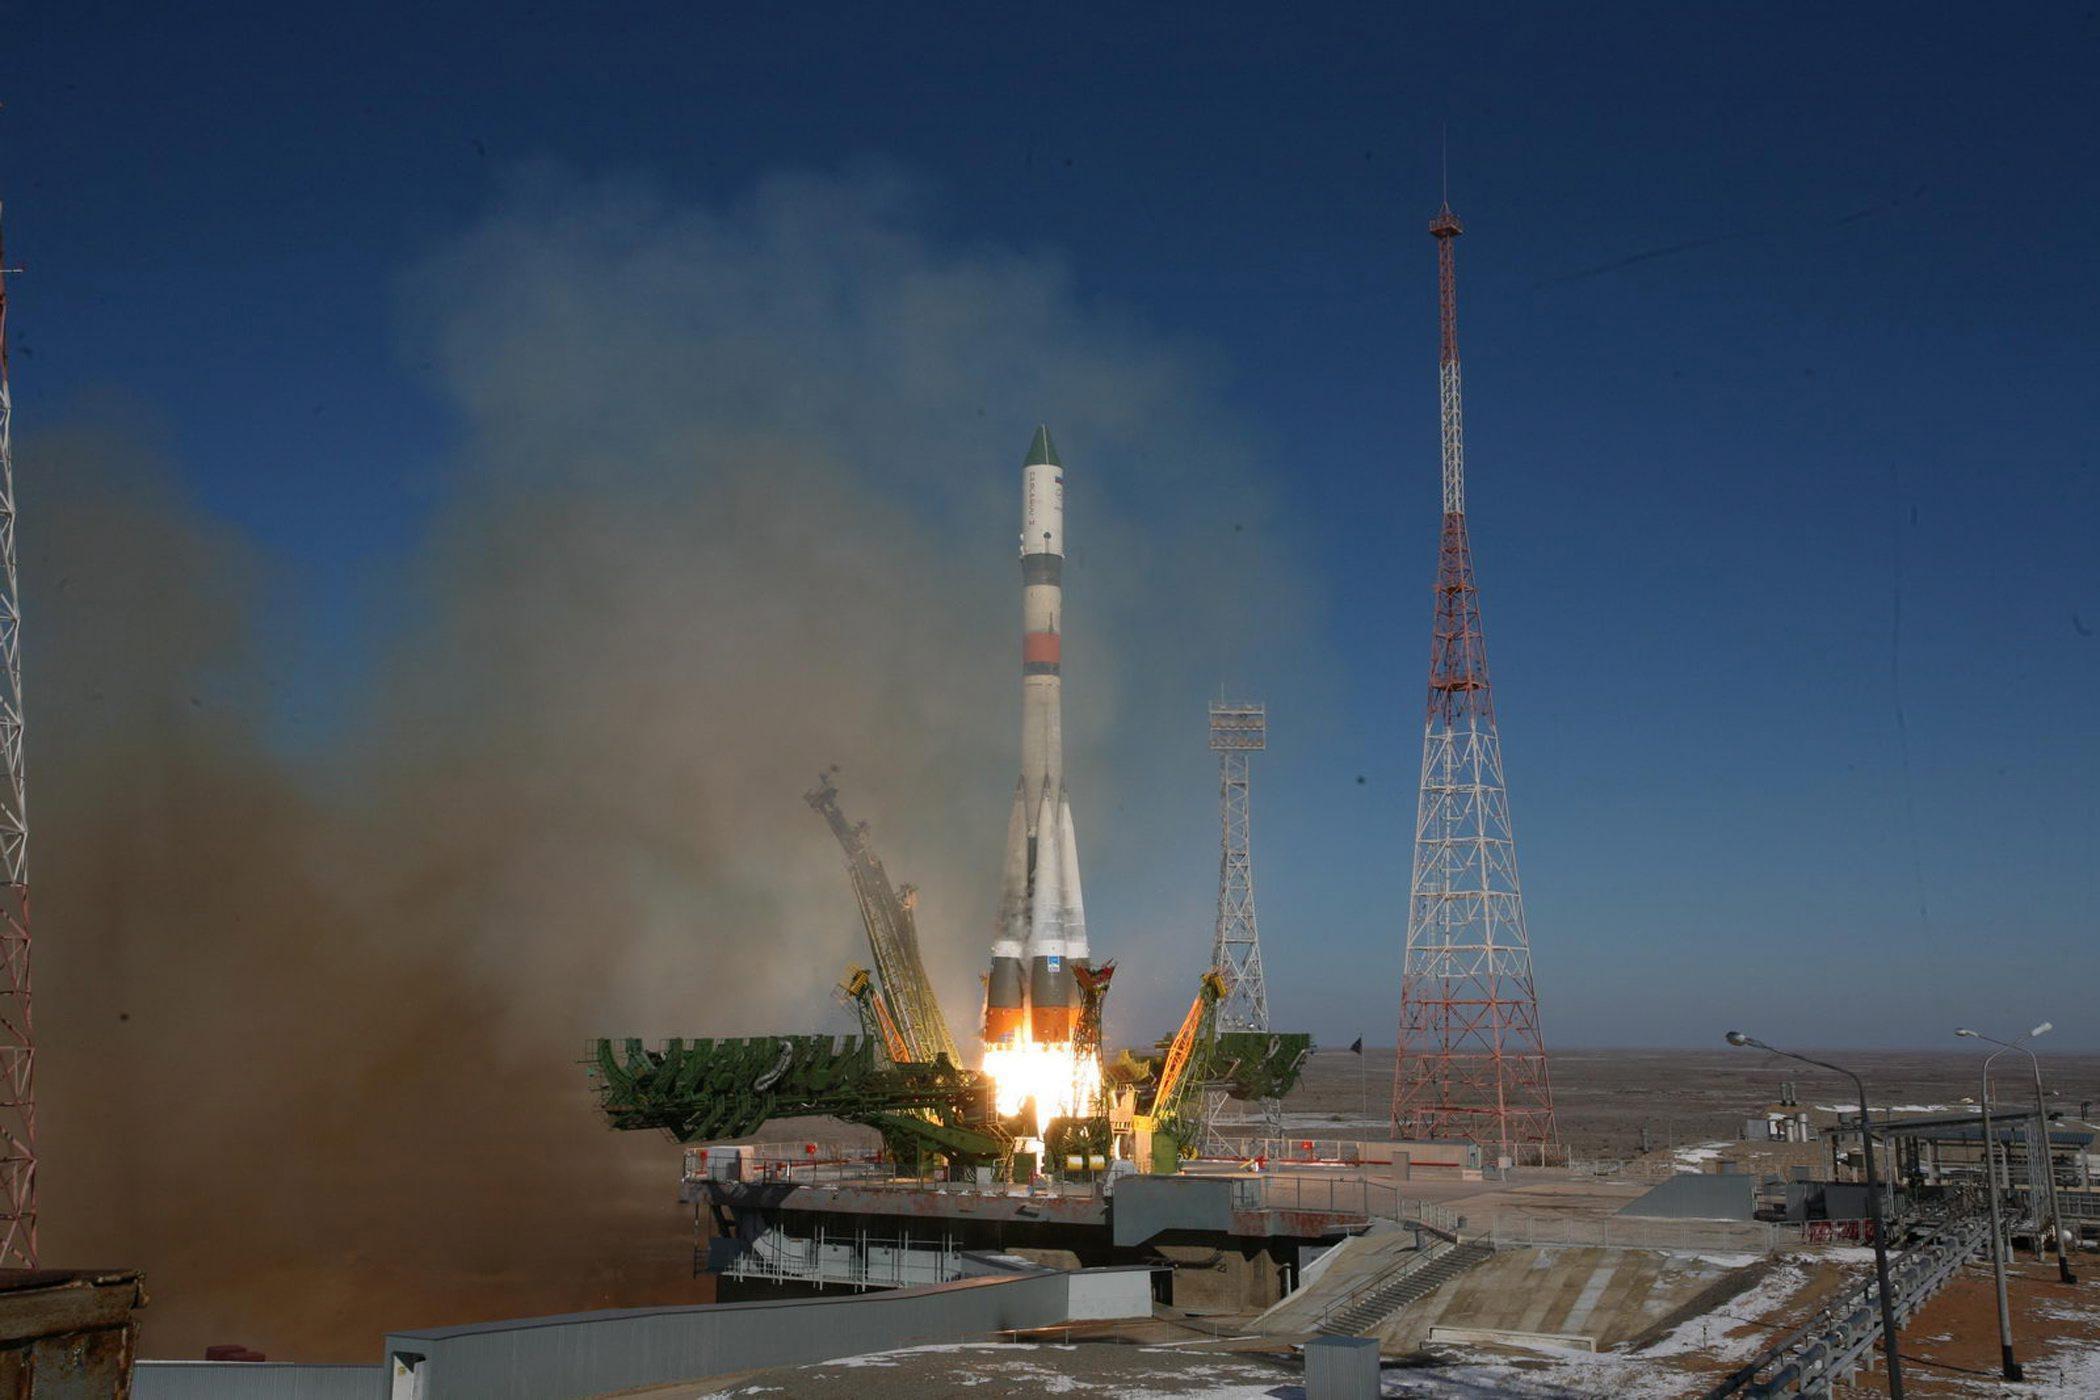 La sonda Tiangong-1 fuori controllo, impatterà con la Terra nel 2017